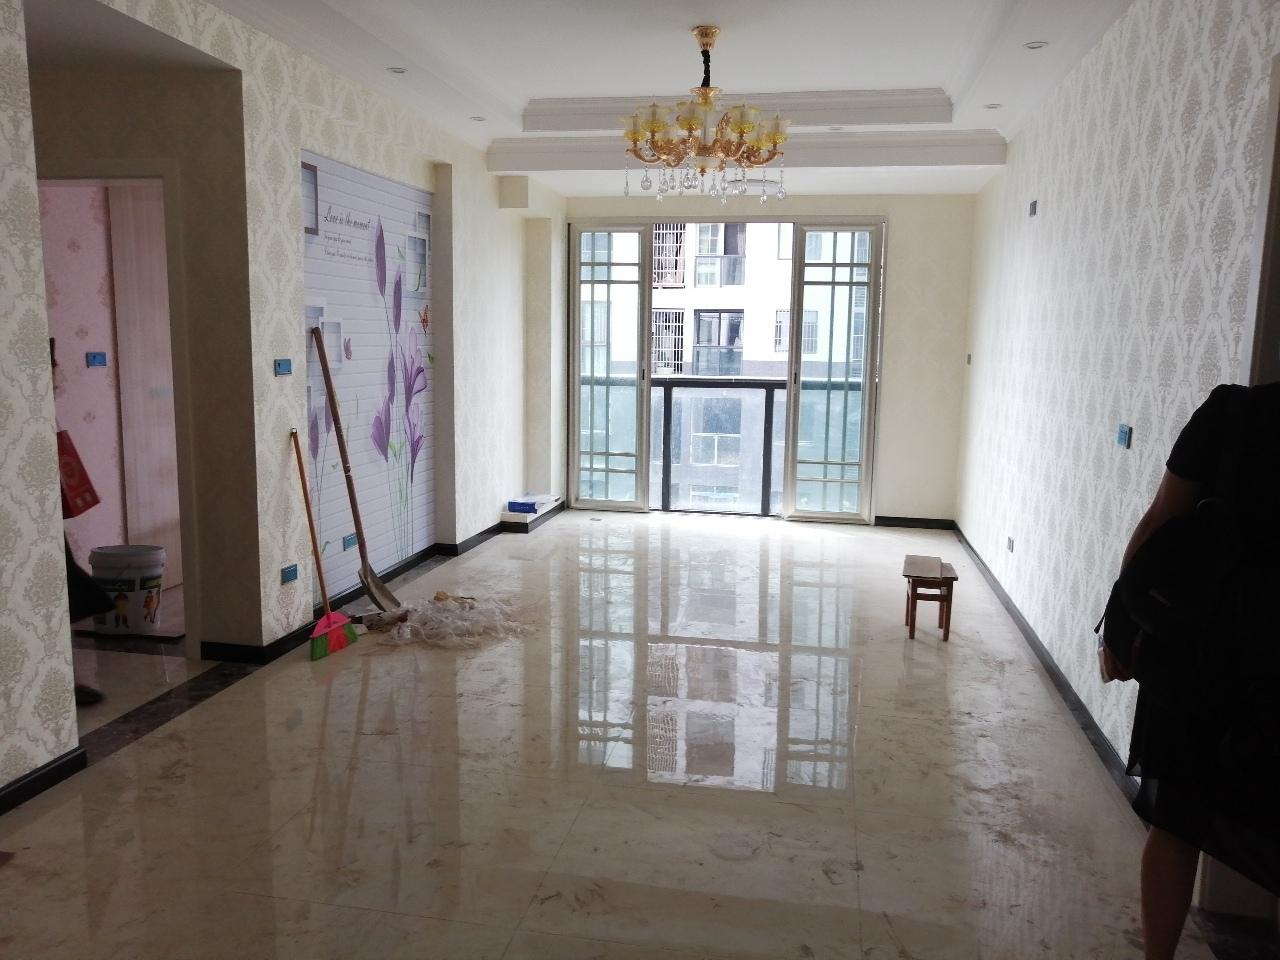 鸿泰新居2室 2厅 1卫52万元